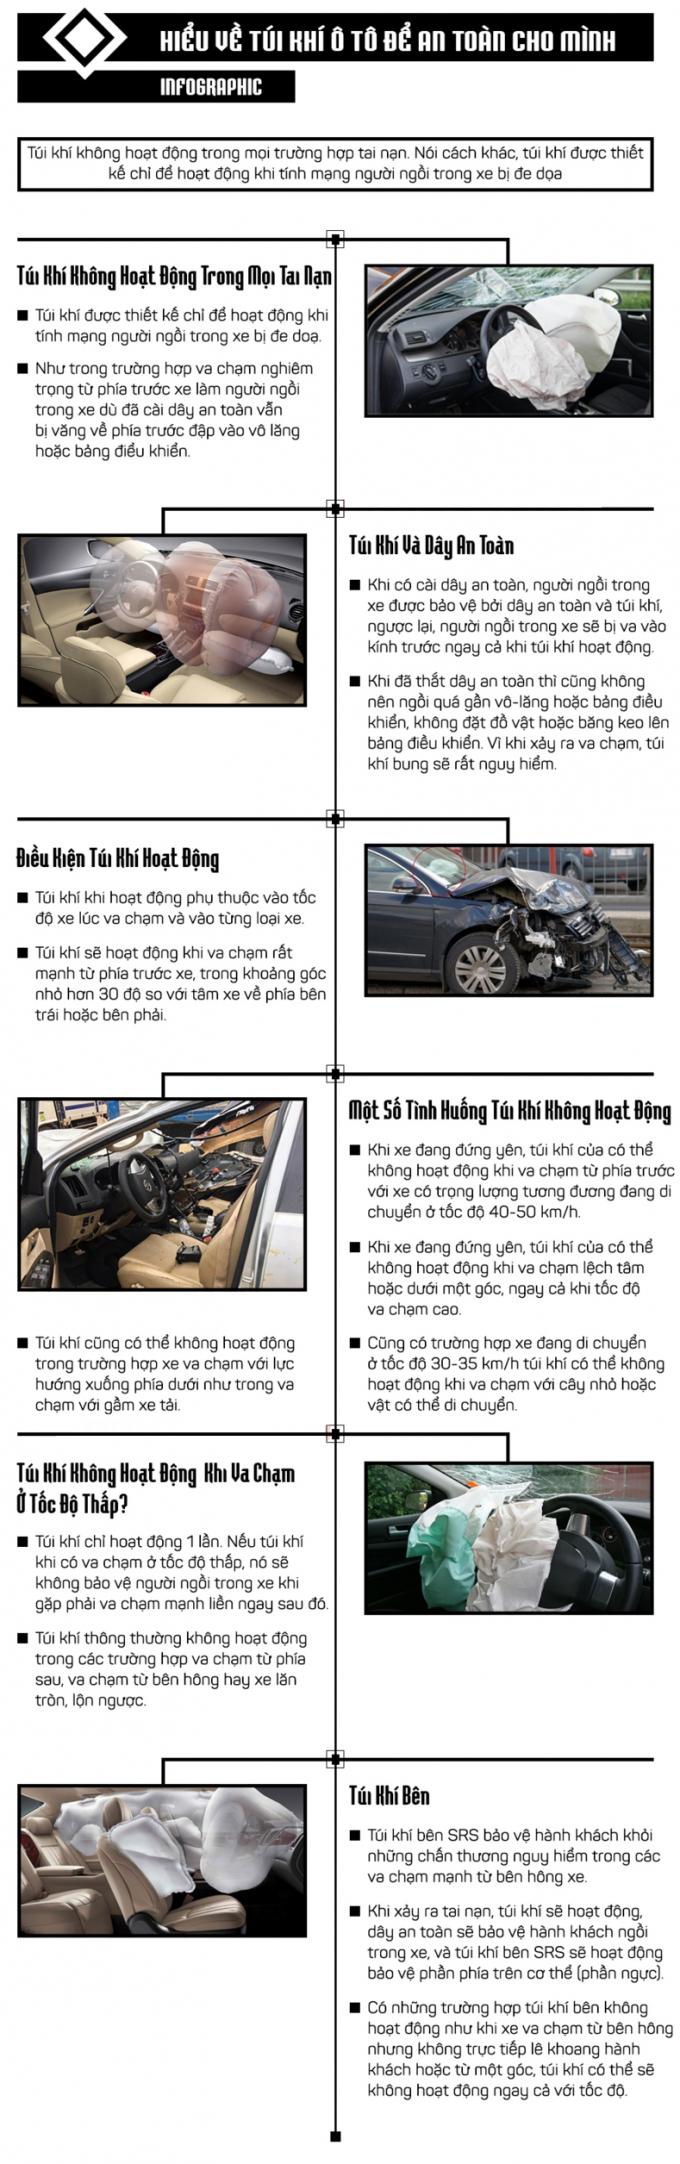 túi khí ô tô, tai nạn, kỹ năng lái xe, lỗi túi khí